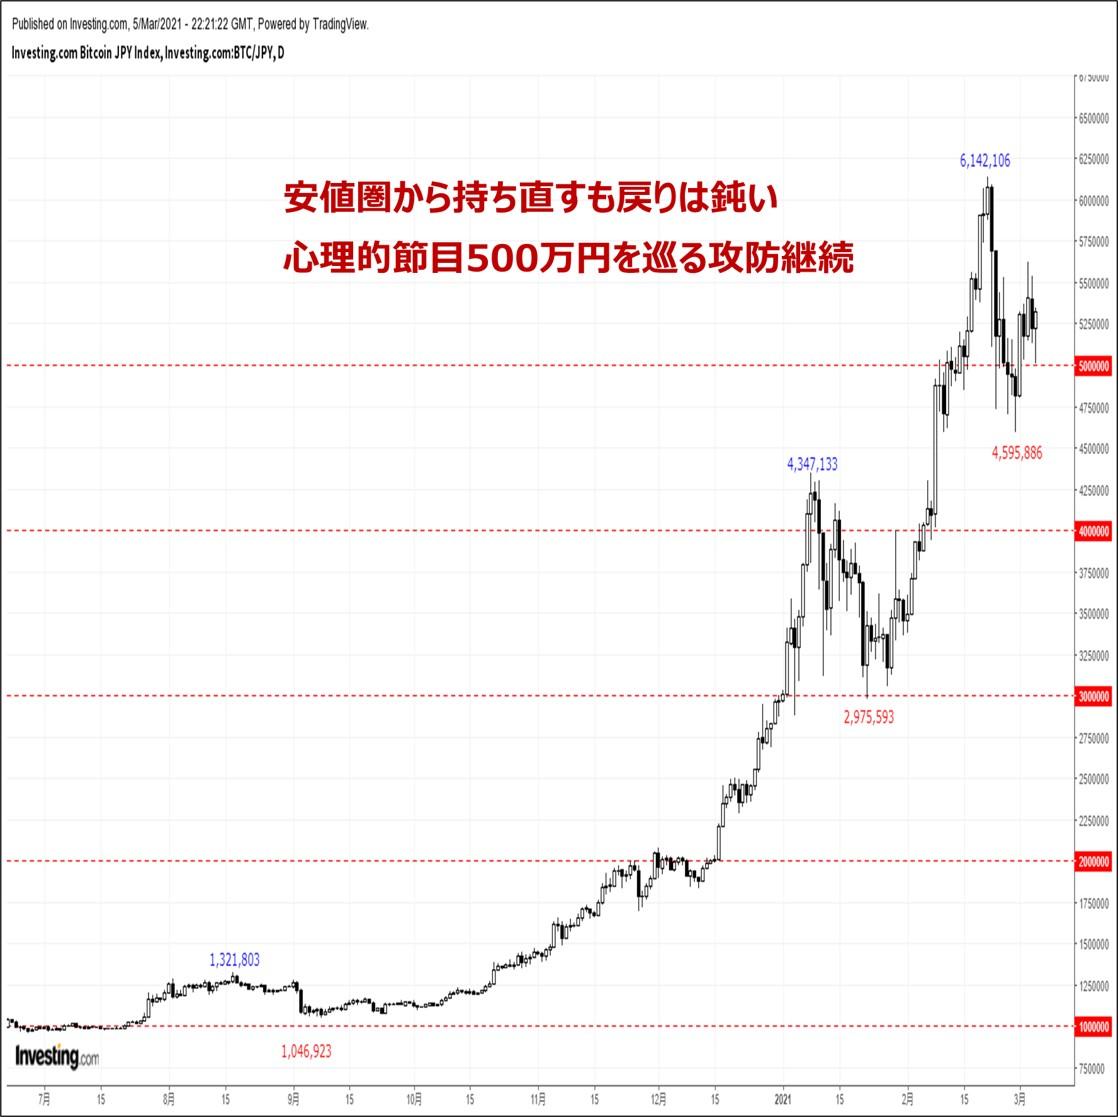 ビットコインの価格分析:『節目500万円を巡る攻防継続。来週もダウンサイドリスクに要警戒』